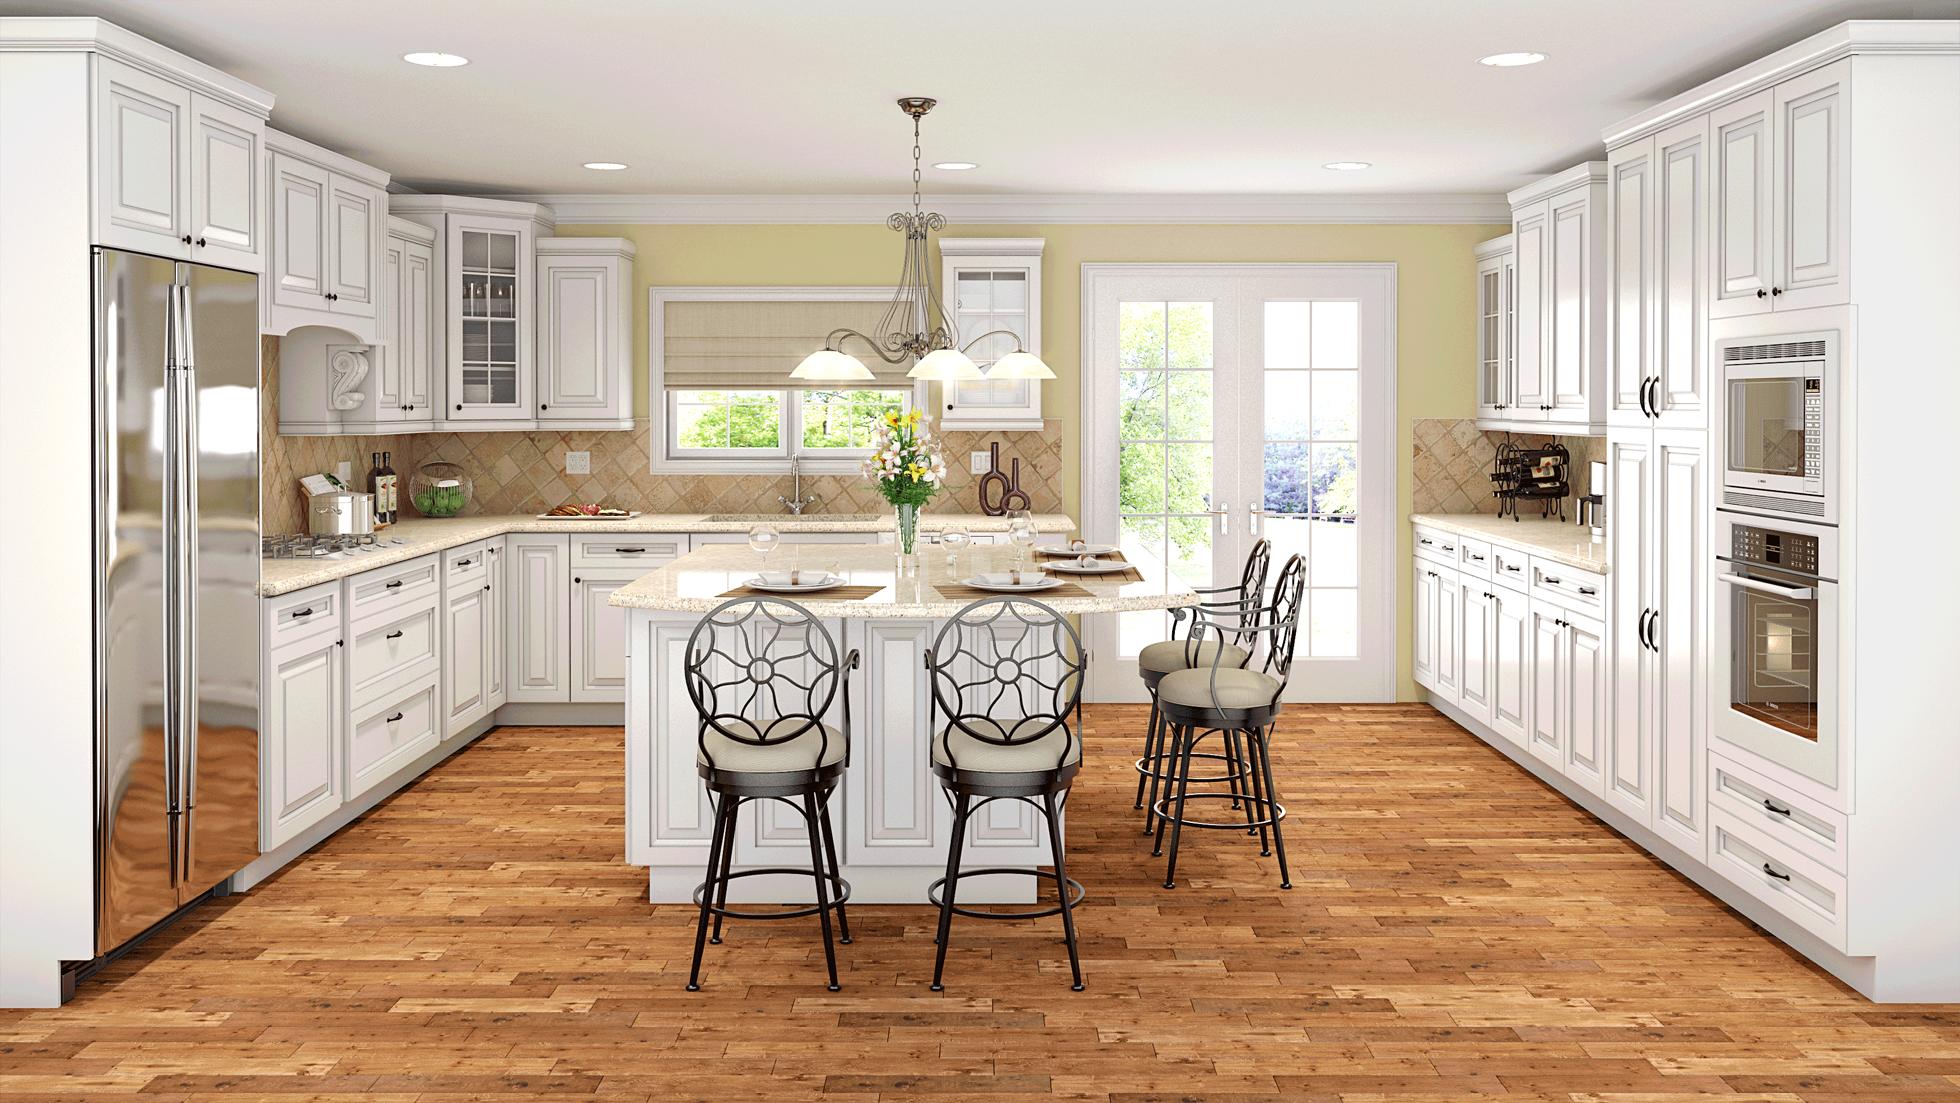 Zeta Kitchens   Miami   South Florida   Kitchen Remodel   Kitchen  Renovation   Kitchen Goals   Kitchen Inspo   Design Inspiration   Florida  Kitchens